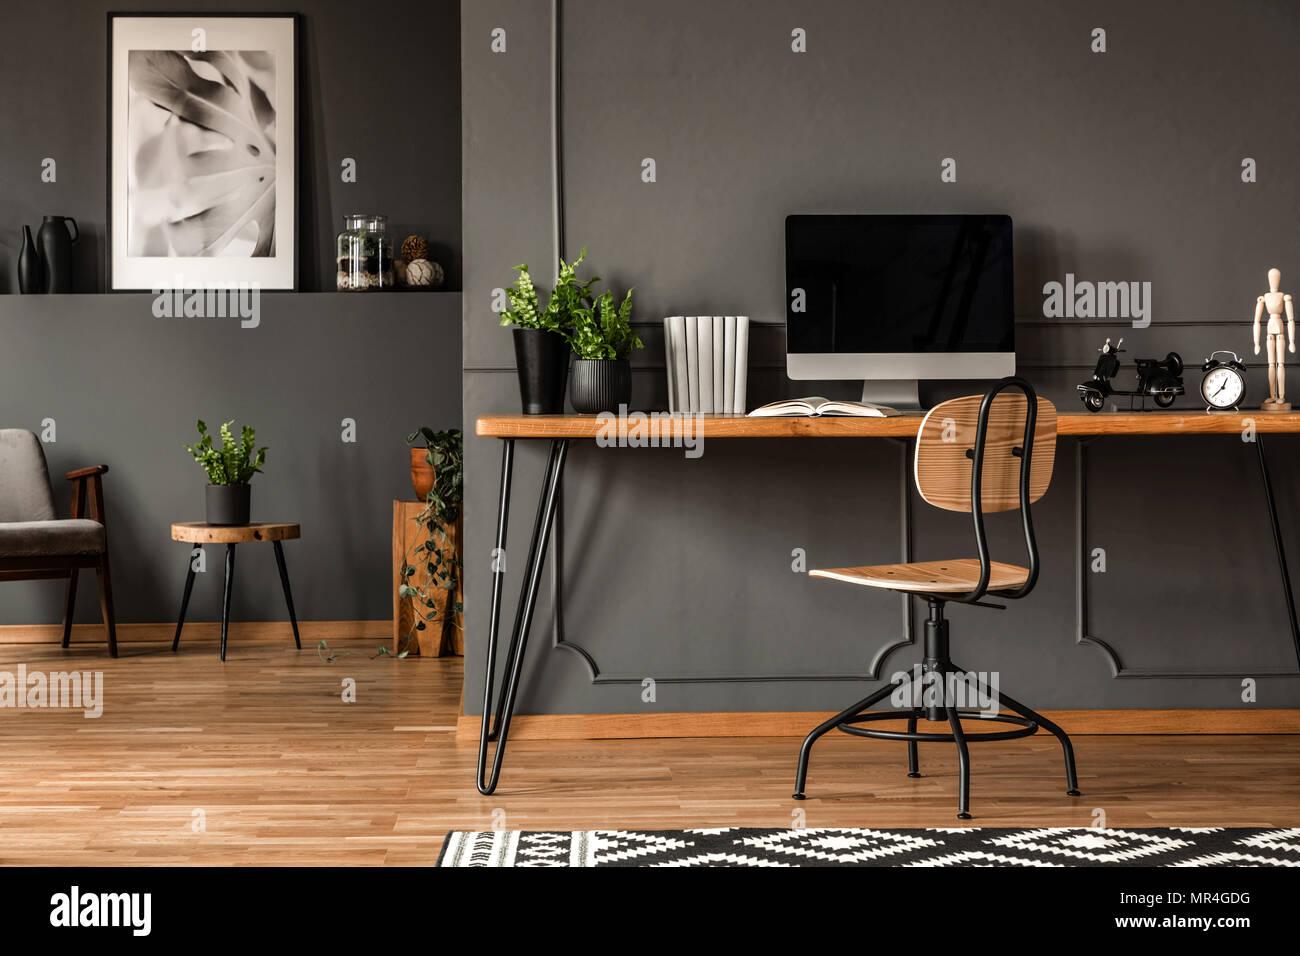 Photo réelle d'un espace ouvert avec intérieur noir sur les murs et le moulage. Espace de travail avec bureau, chaise et l'ordinateur dans l'avant-plan et d'un salon avec gray Photo Stock